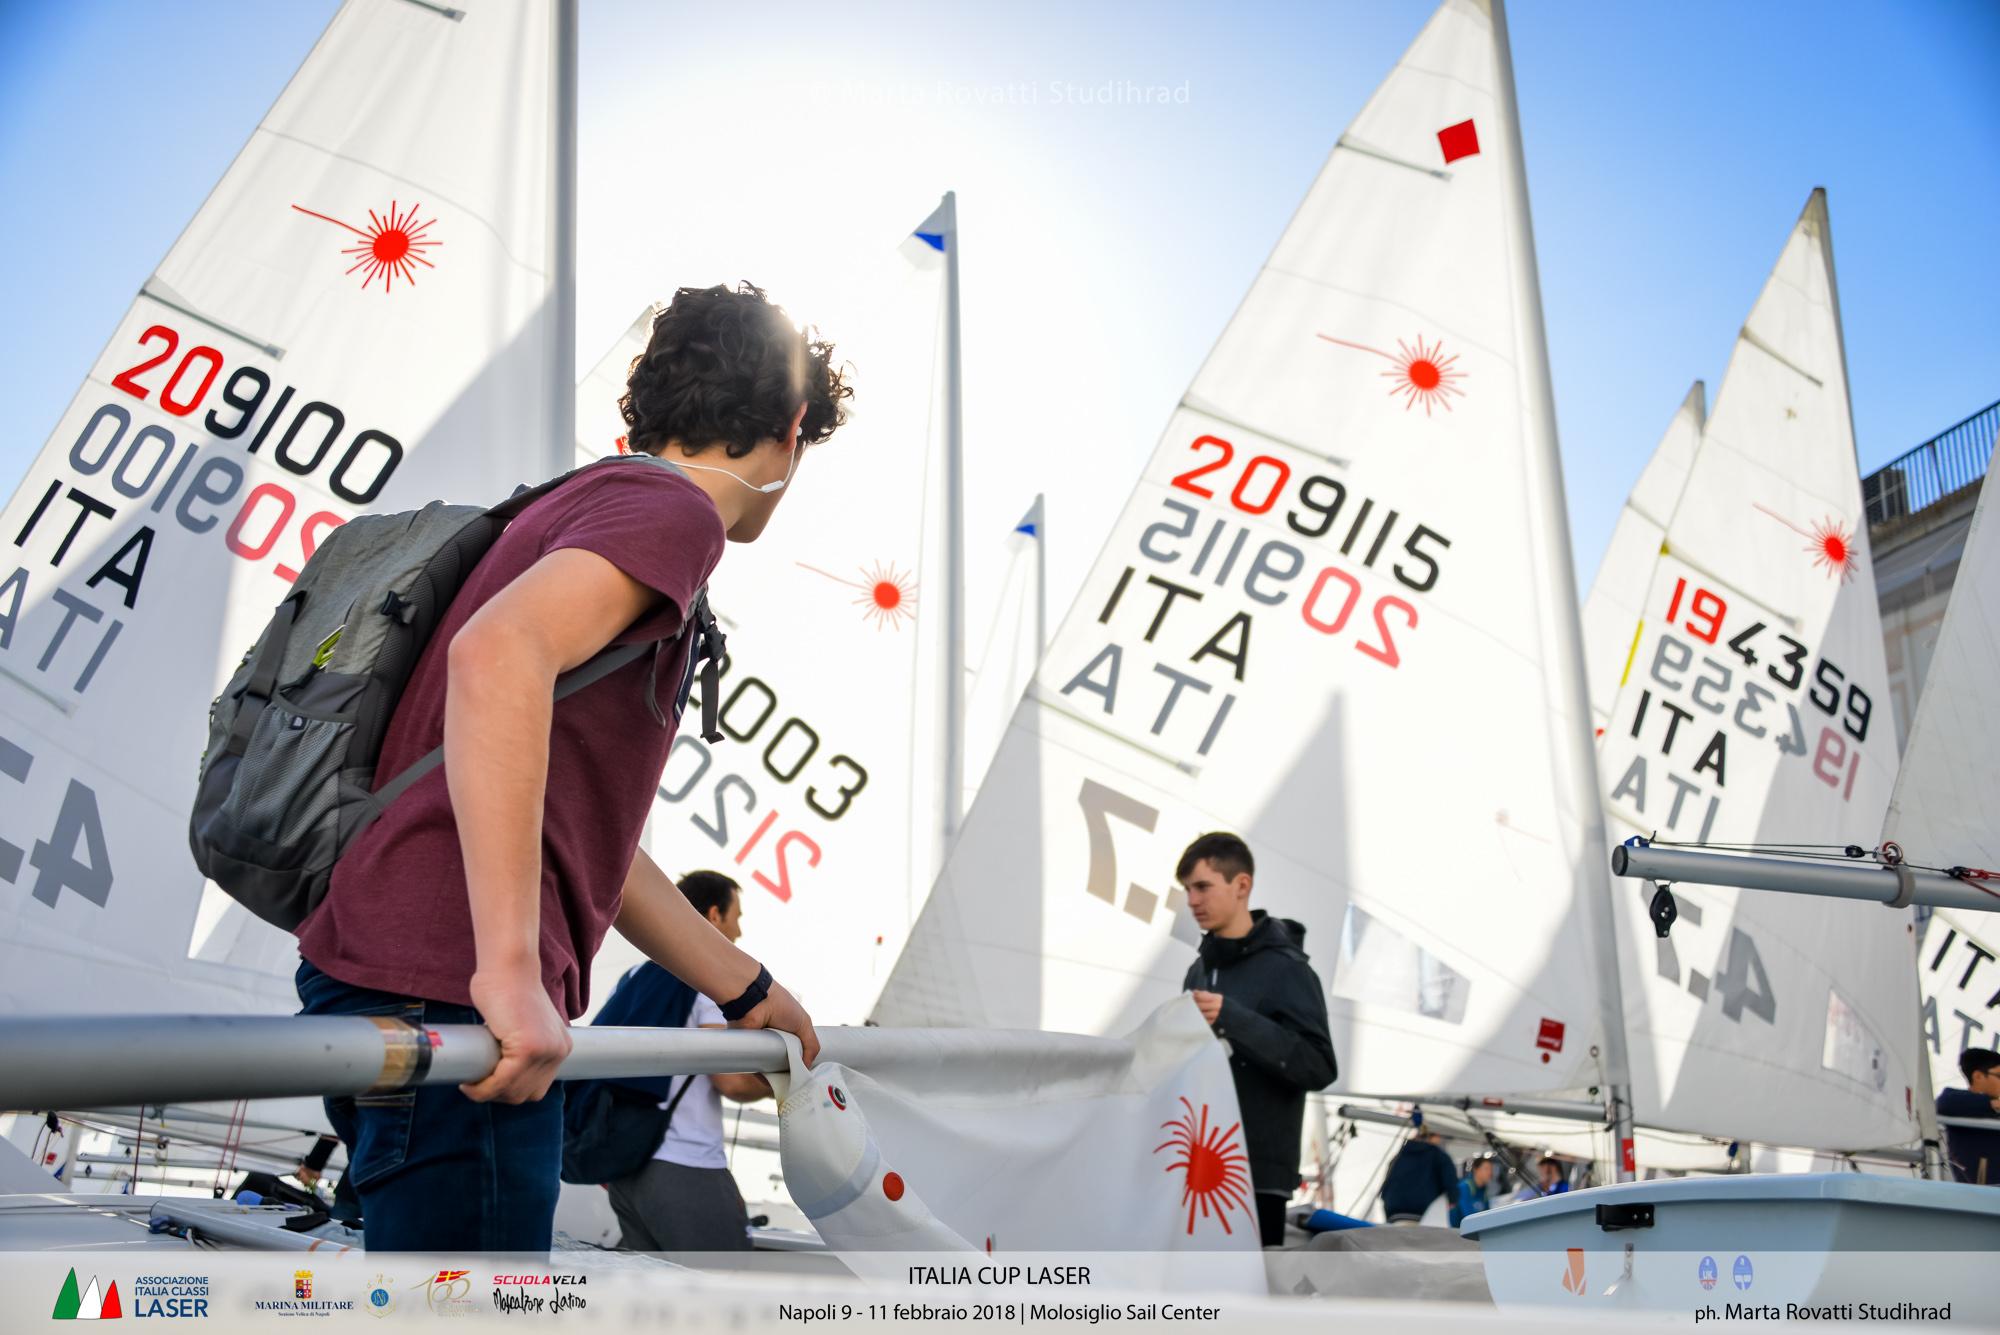 Associazione-Italia-Classi-Laser-2018-NapoliMGR_9601